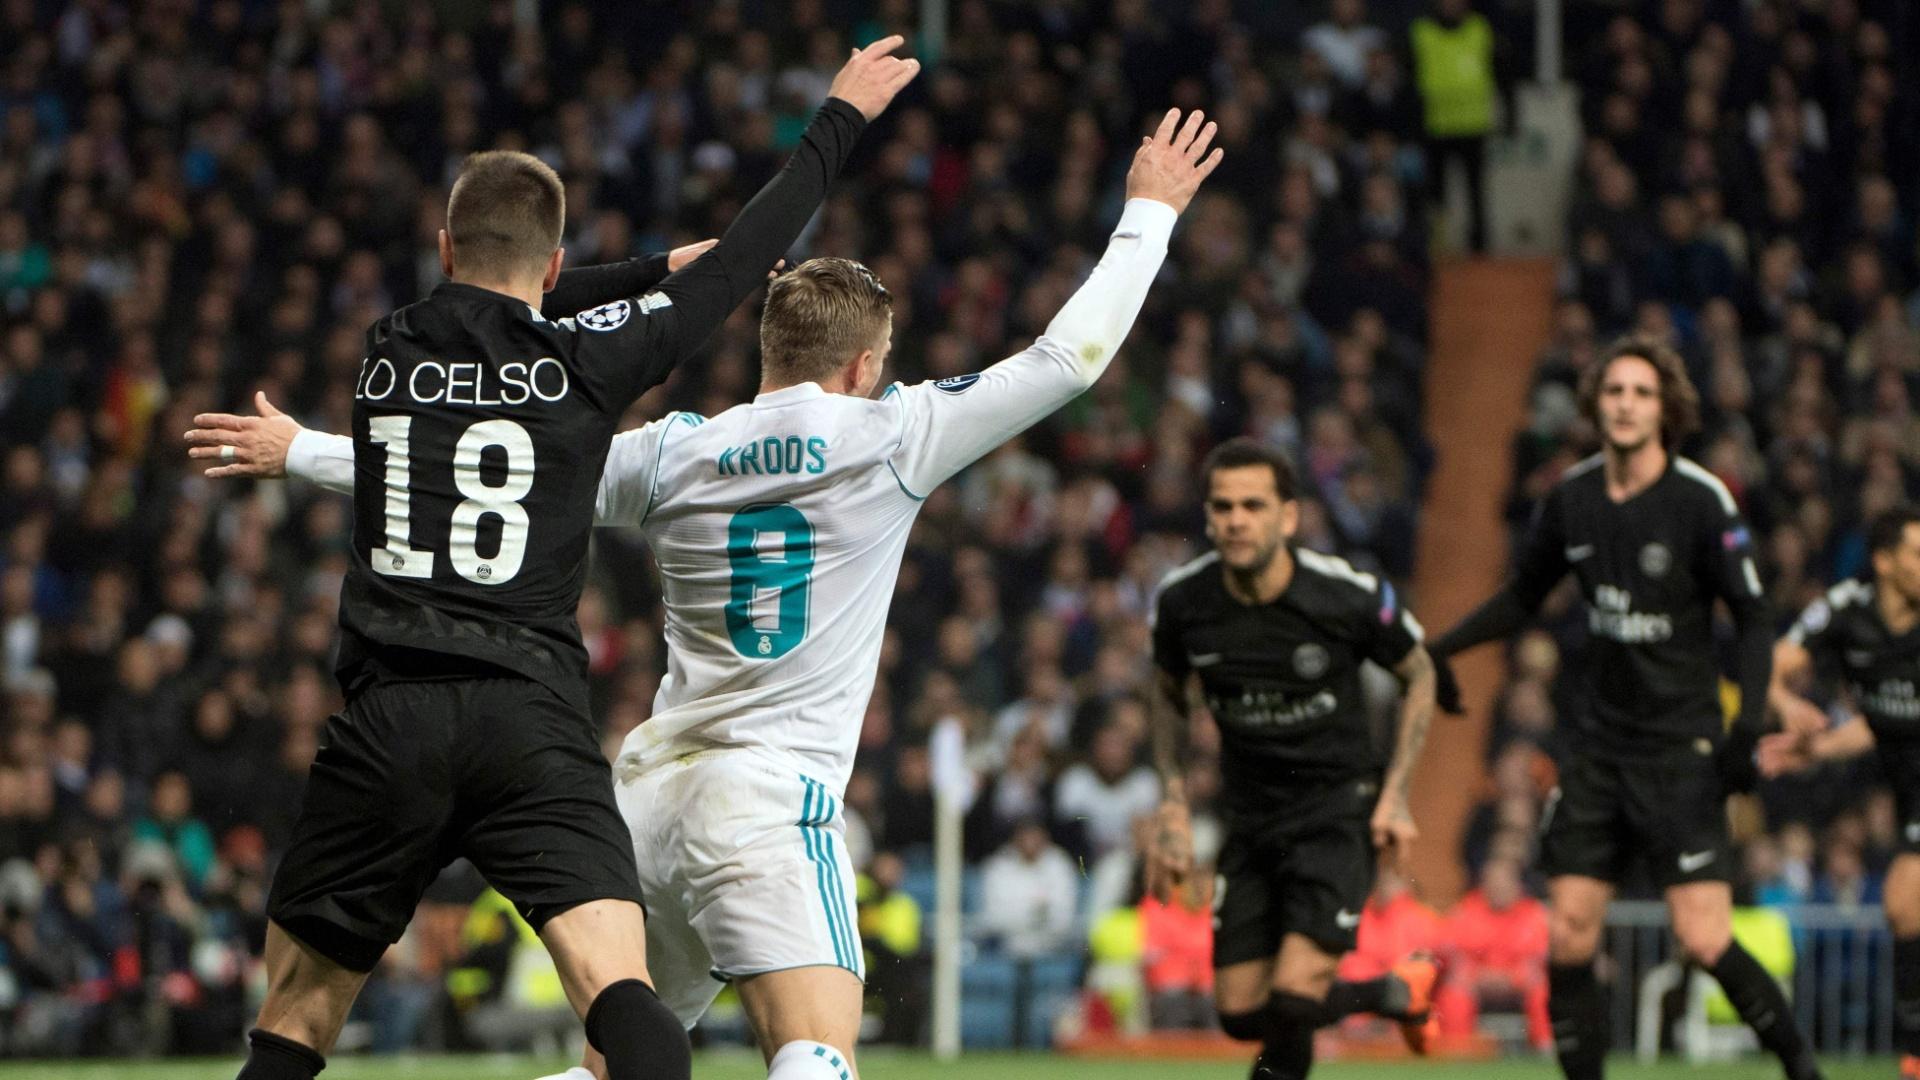 Lo Celso comete pênalti em Kroos na partida entre Real Madrid e PSG